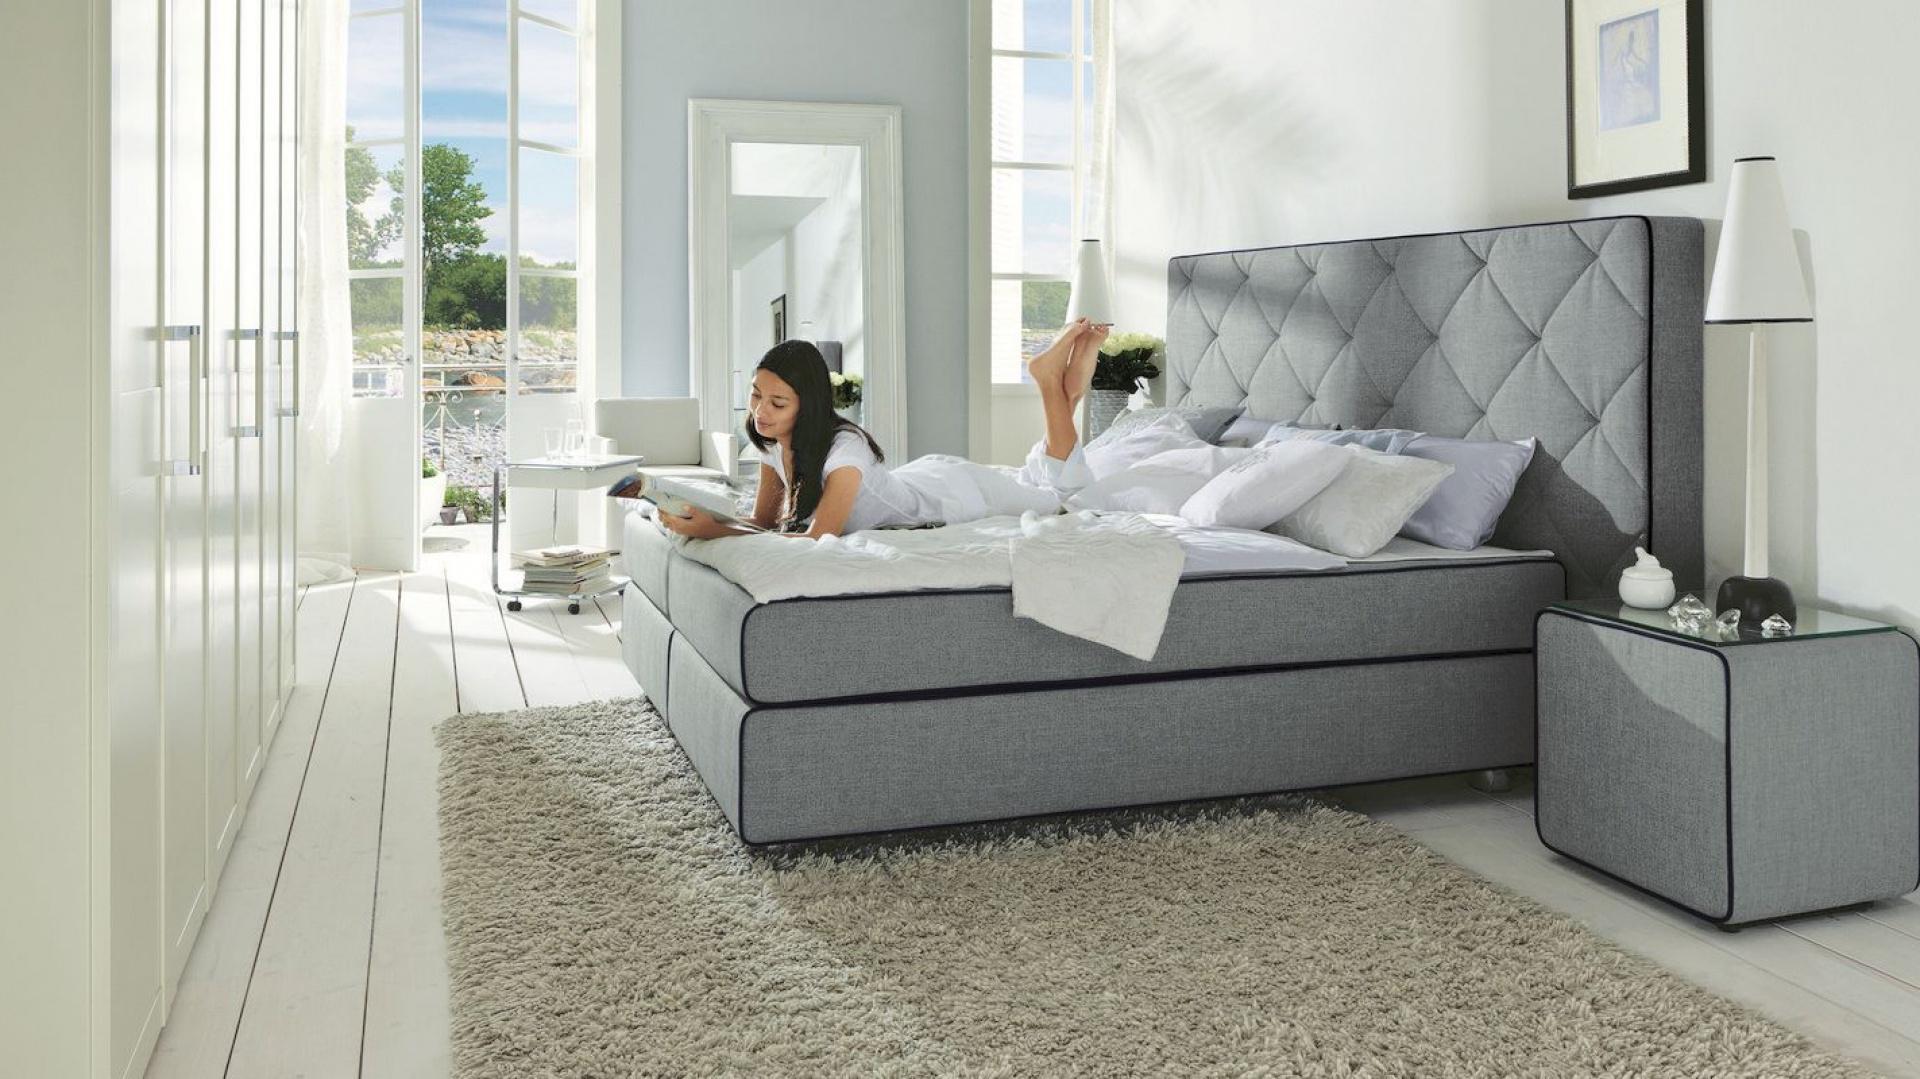 Podstawą aranżacji sypialni jest duże łóżko z wygodnym materacem. Jeśli wybierzemy te z pięknym zagłówkiem stanie się ono również elementem dekoracyjnym wnętrza. Fot. Hulsta.